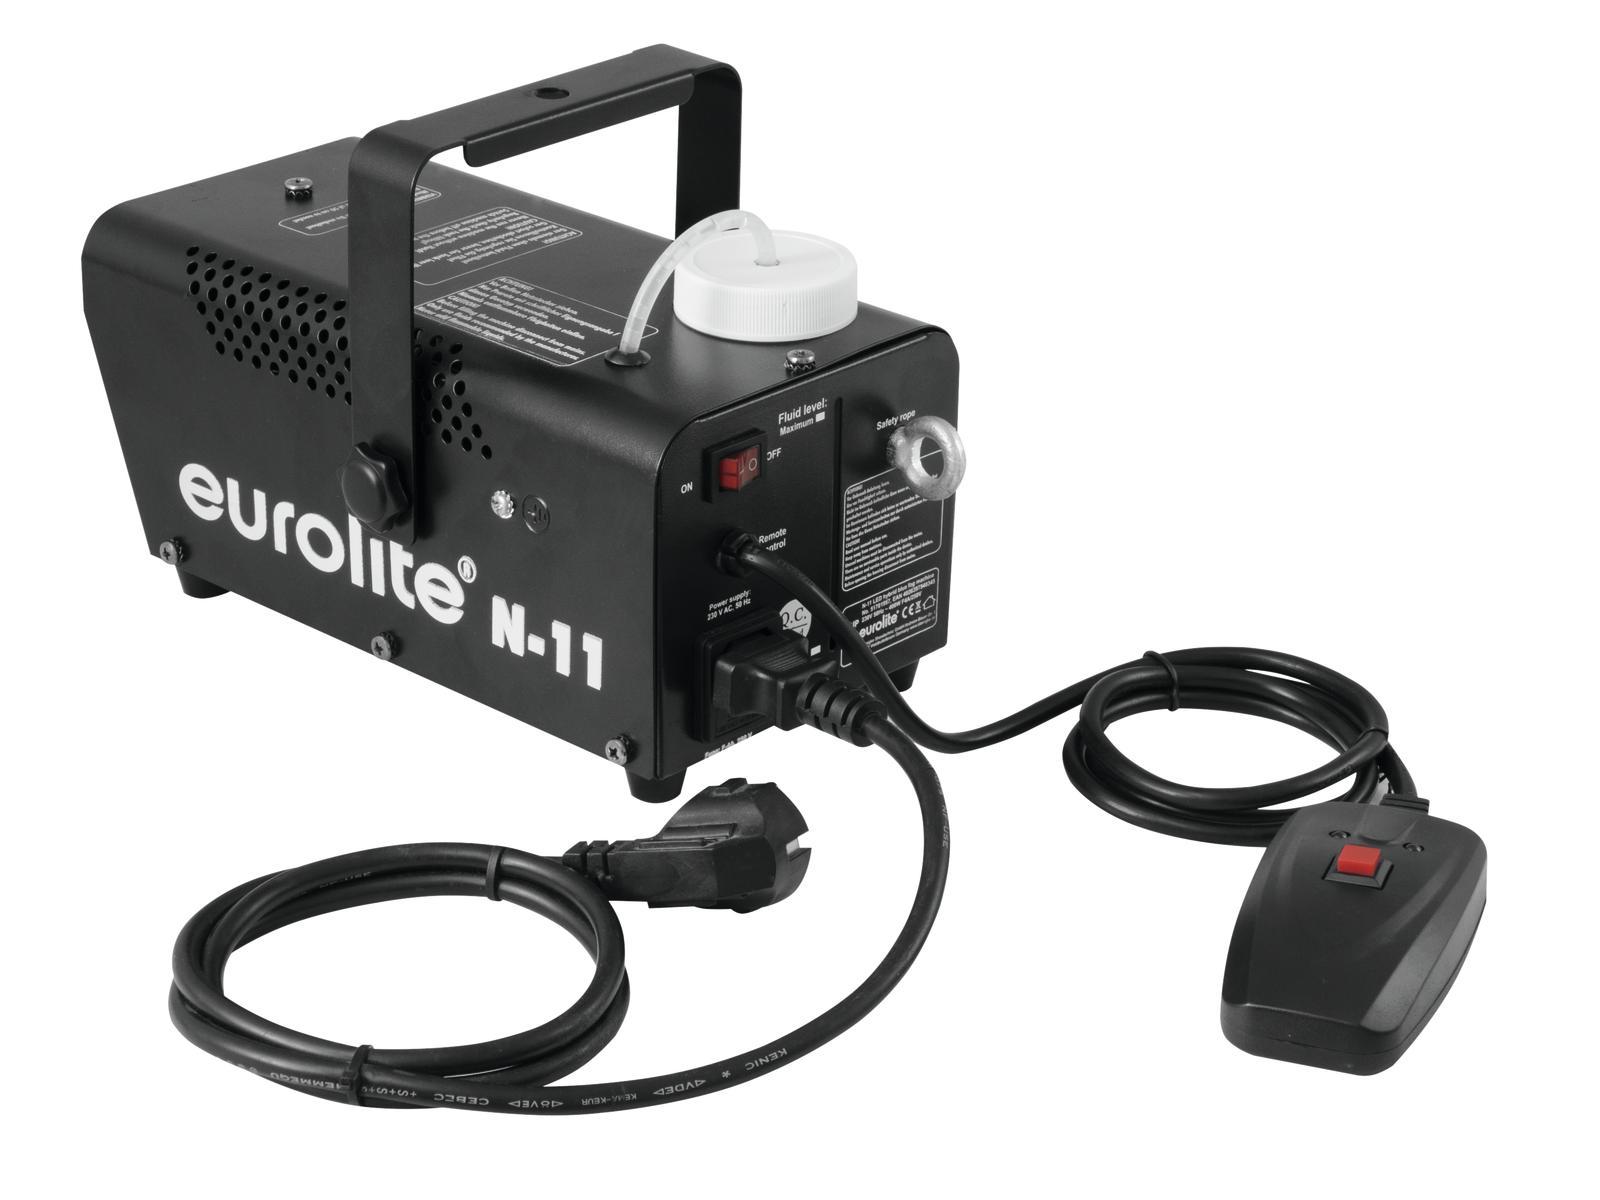 Macchina del fumo-nebbia LED blu Hybrid EUROLITE N-11